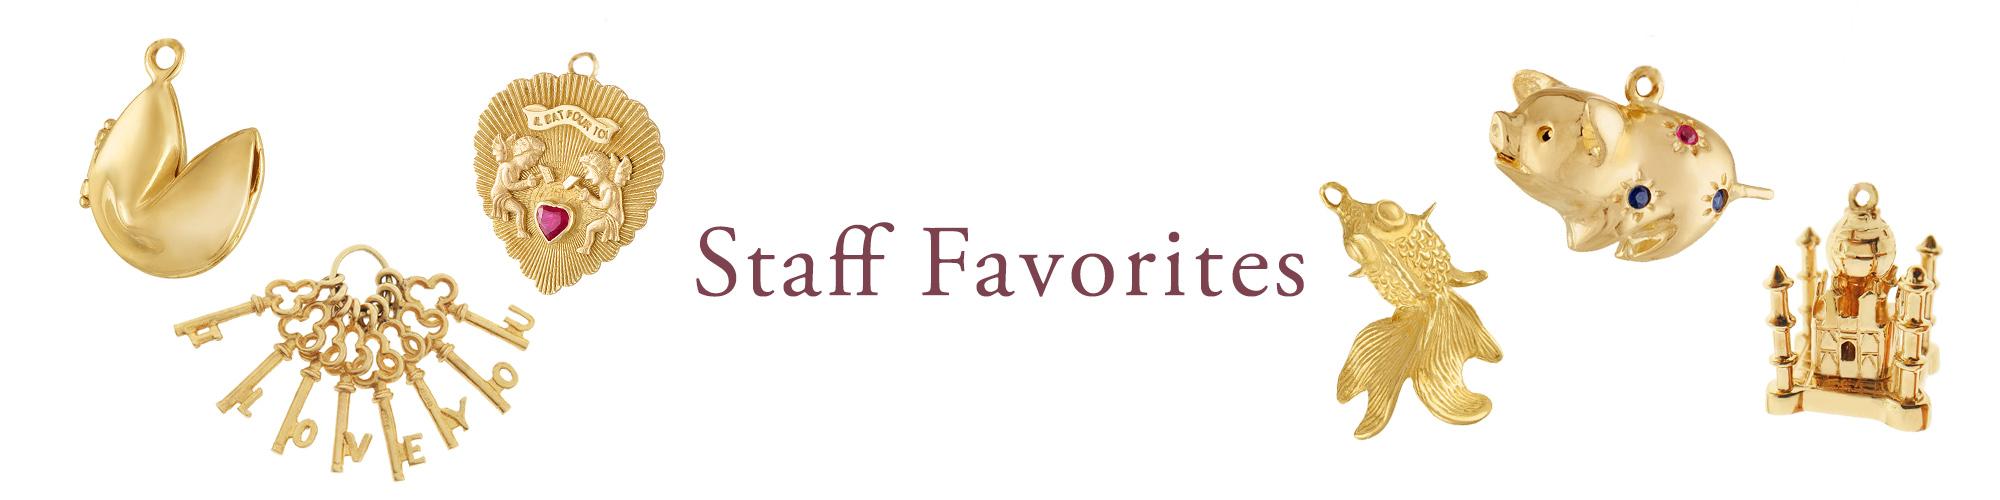 satff-faves-banner.jpg